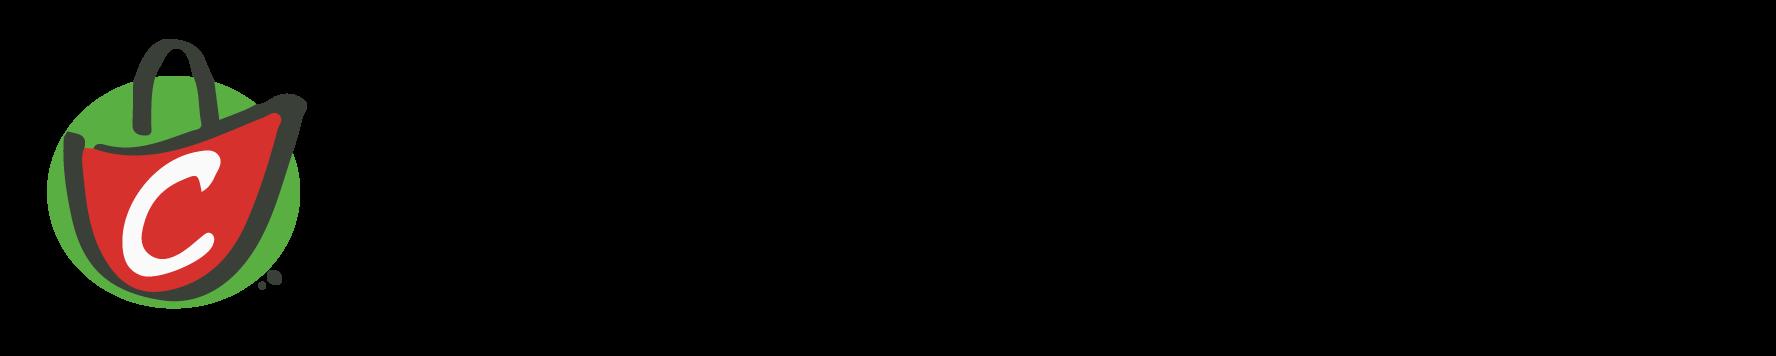 Mercat de Cardedeu